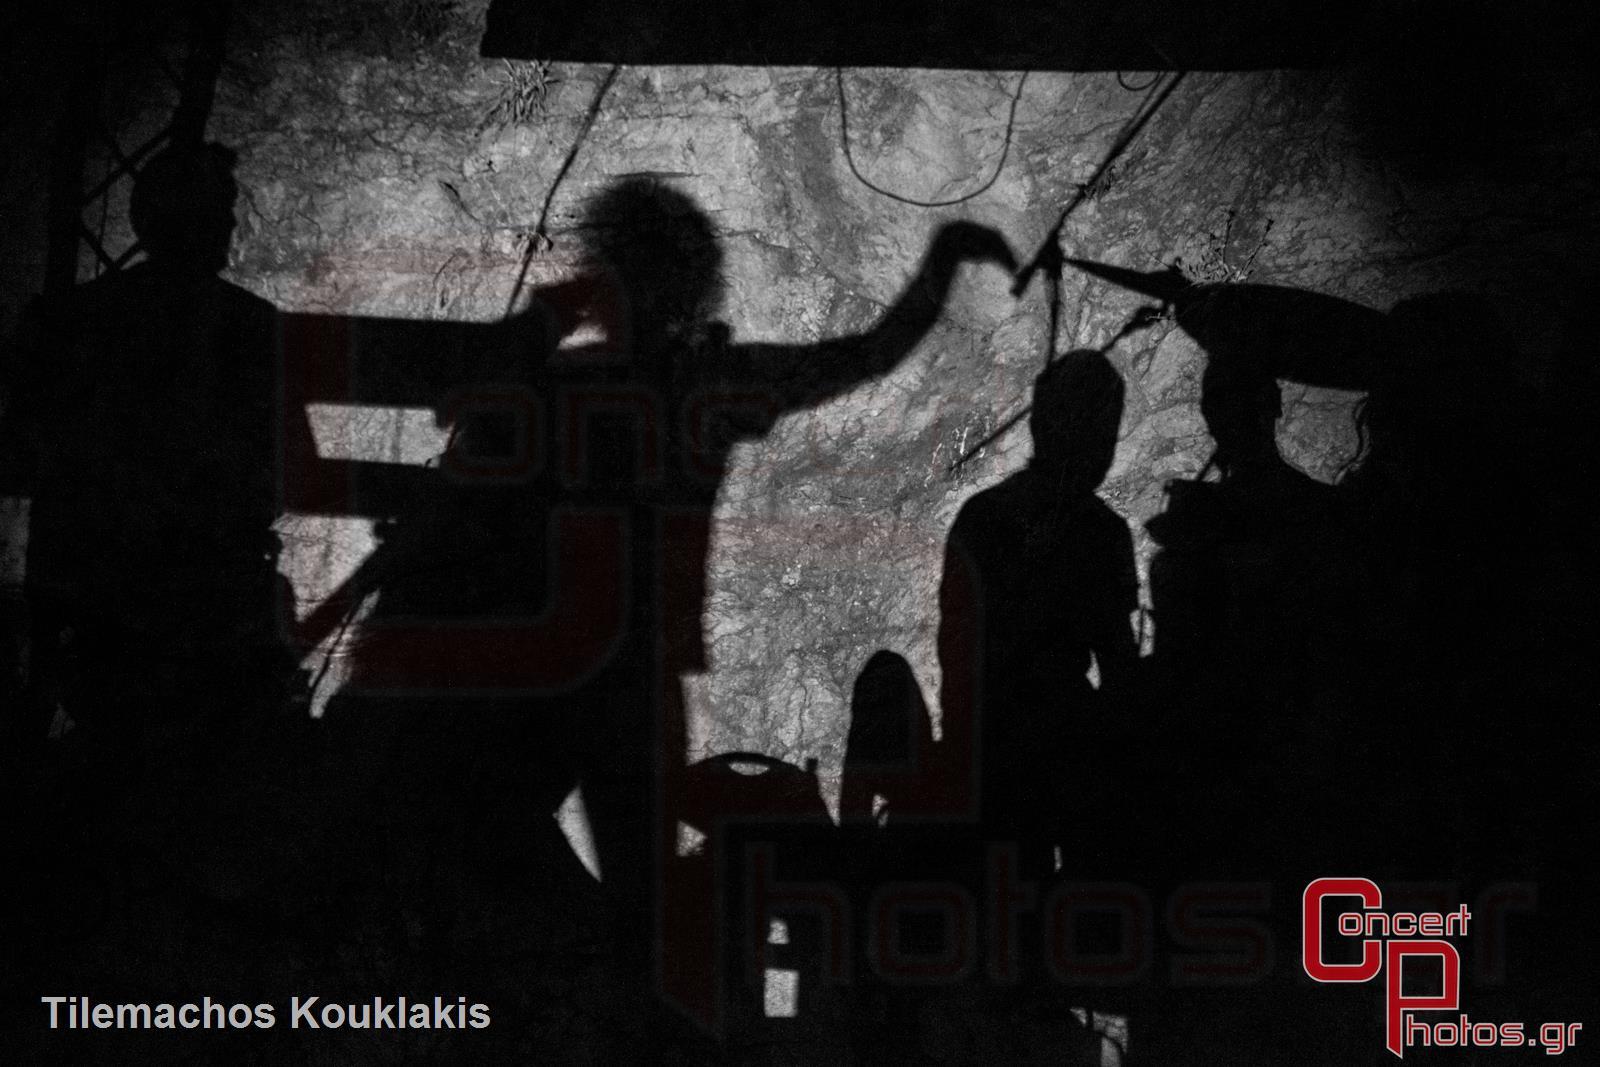 Βασίλης Παπακωνσταντίνου - 40 Χρόνια Έφηβος-Vasilis Papakonstantinou 40 Chronia Efivos photographer: Tilemachos Kouklakis - concertphotos_-5277